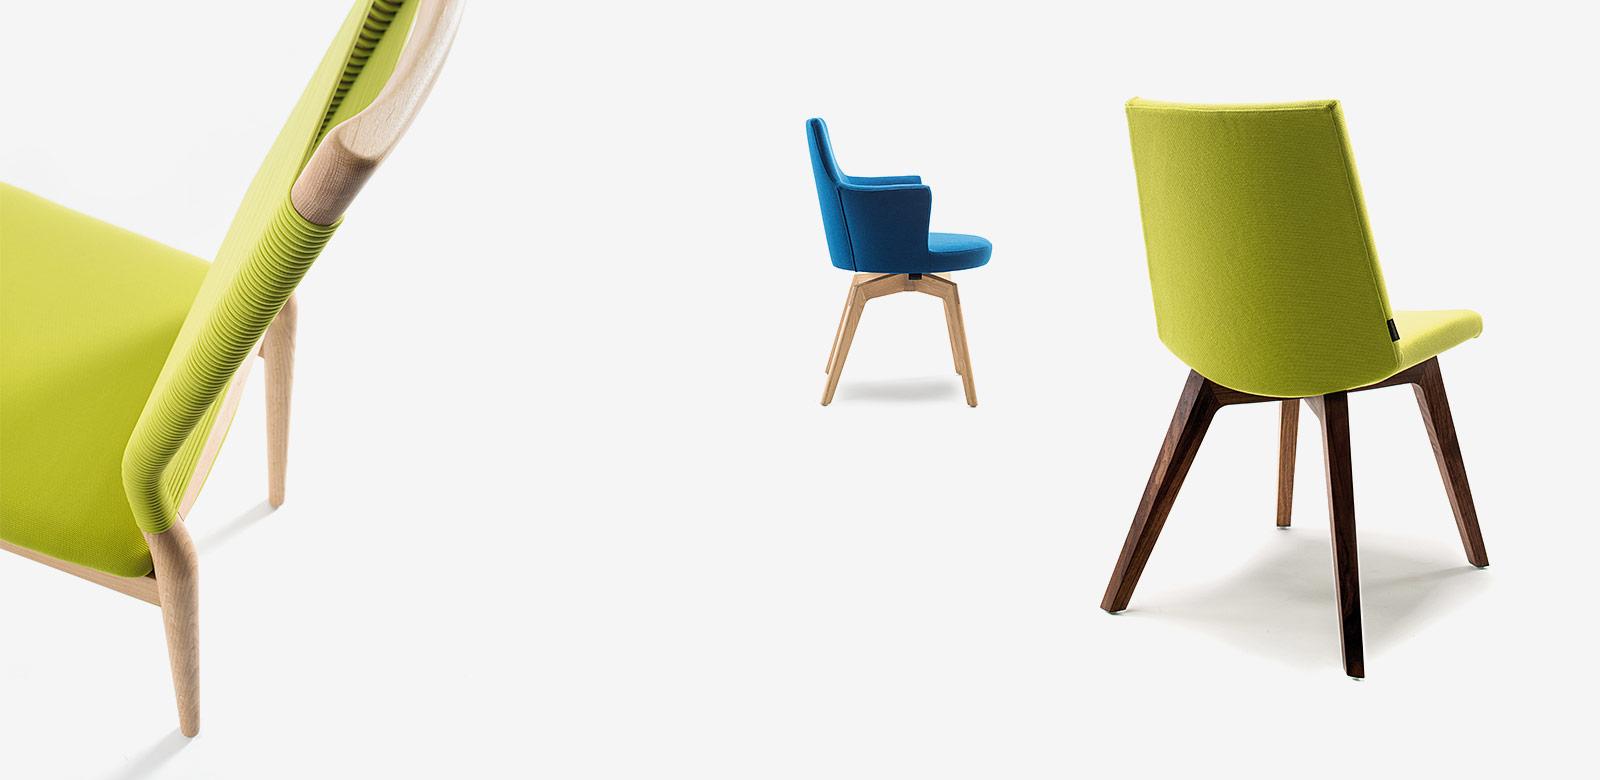 dining rooms chairs venjakob m bel vorsprung durch design und qualit t. Black Bedroom Furniture Sets. Home Design Ideas